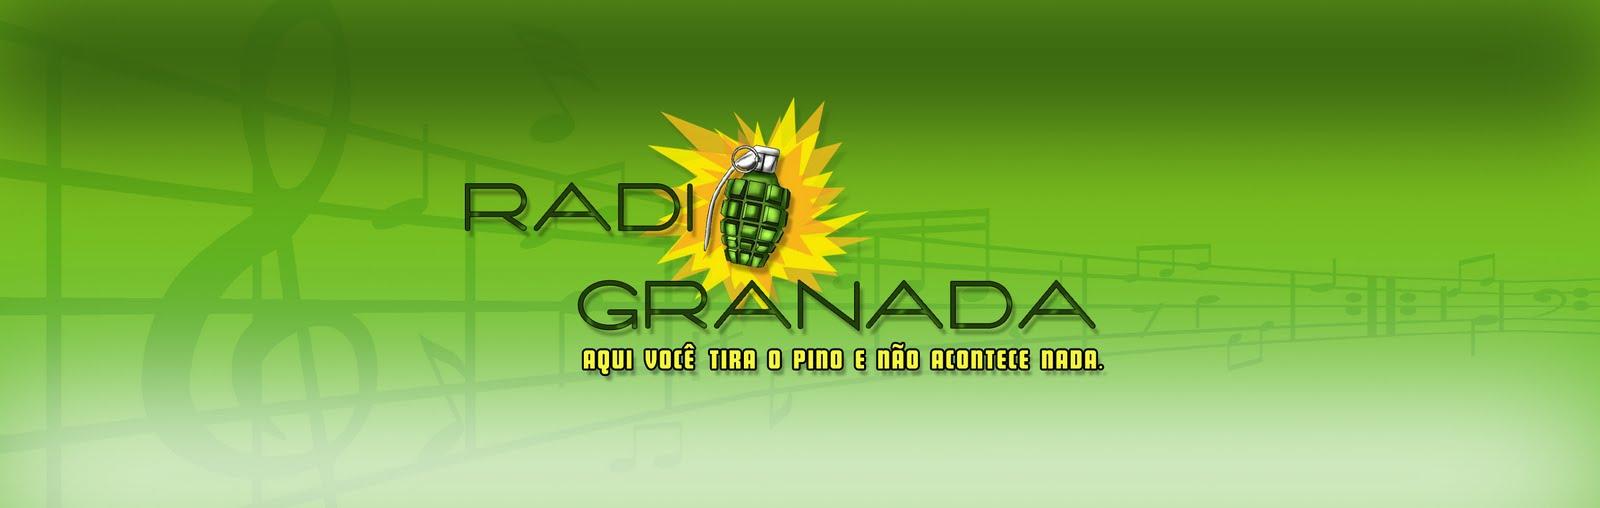 Rádio granada:atualizações. Fala galera da LHF gaymes,tudo beleza?